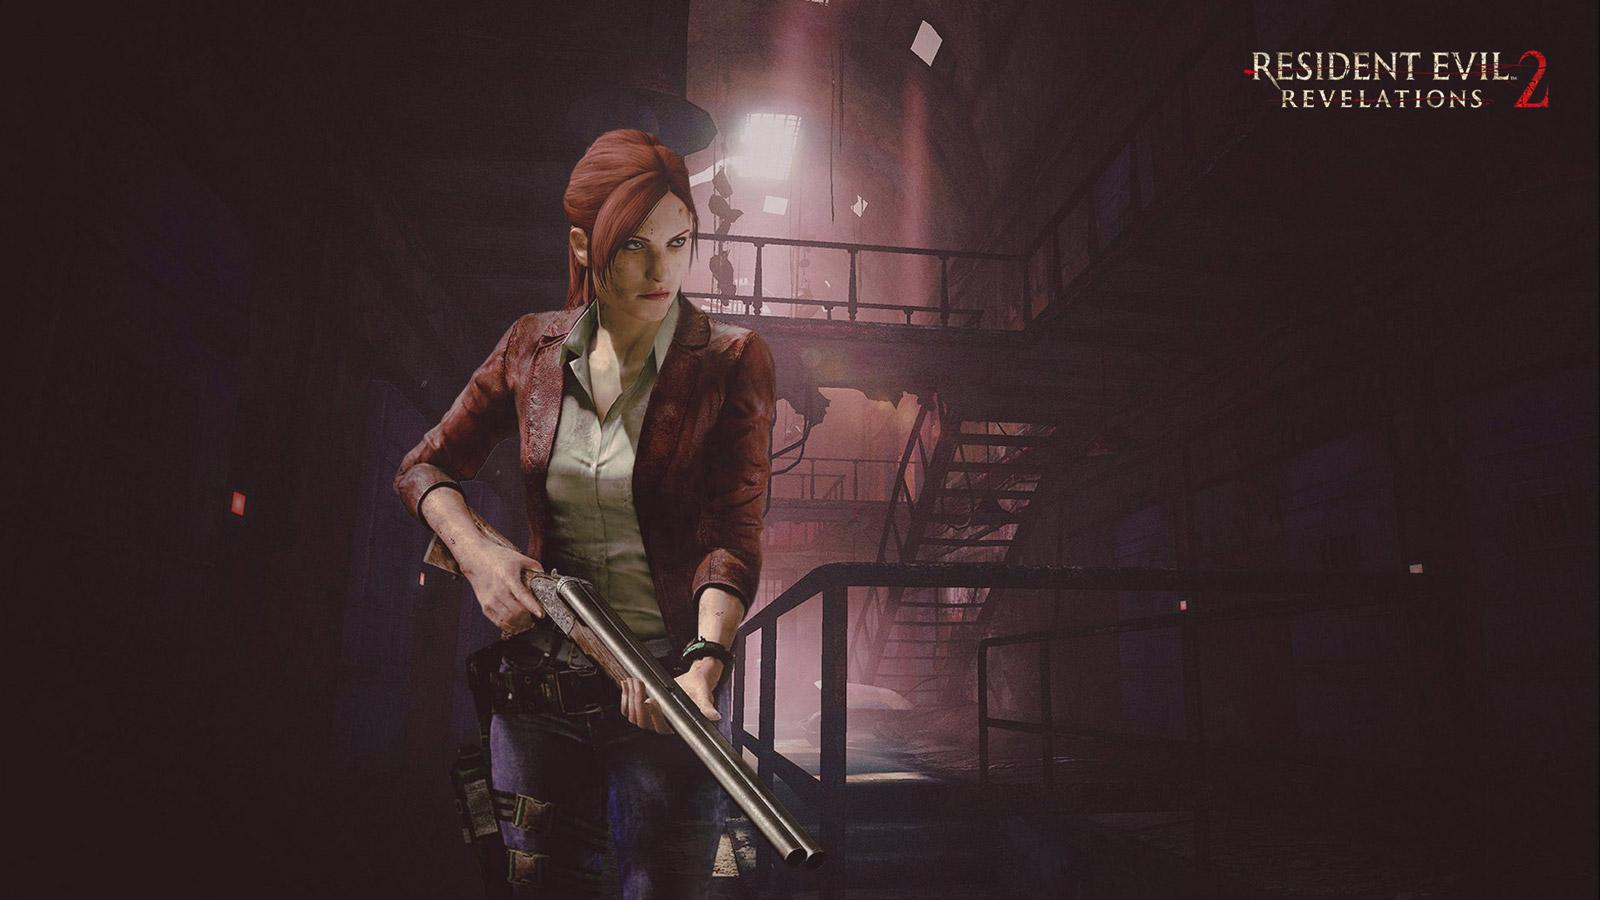 Free Resident Evil: Revelations 2 Wallpaper in 1600x900